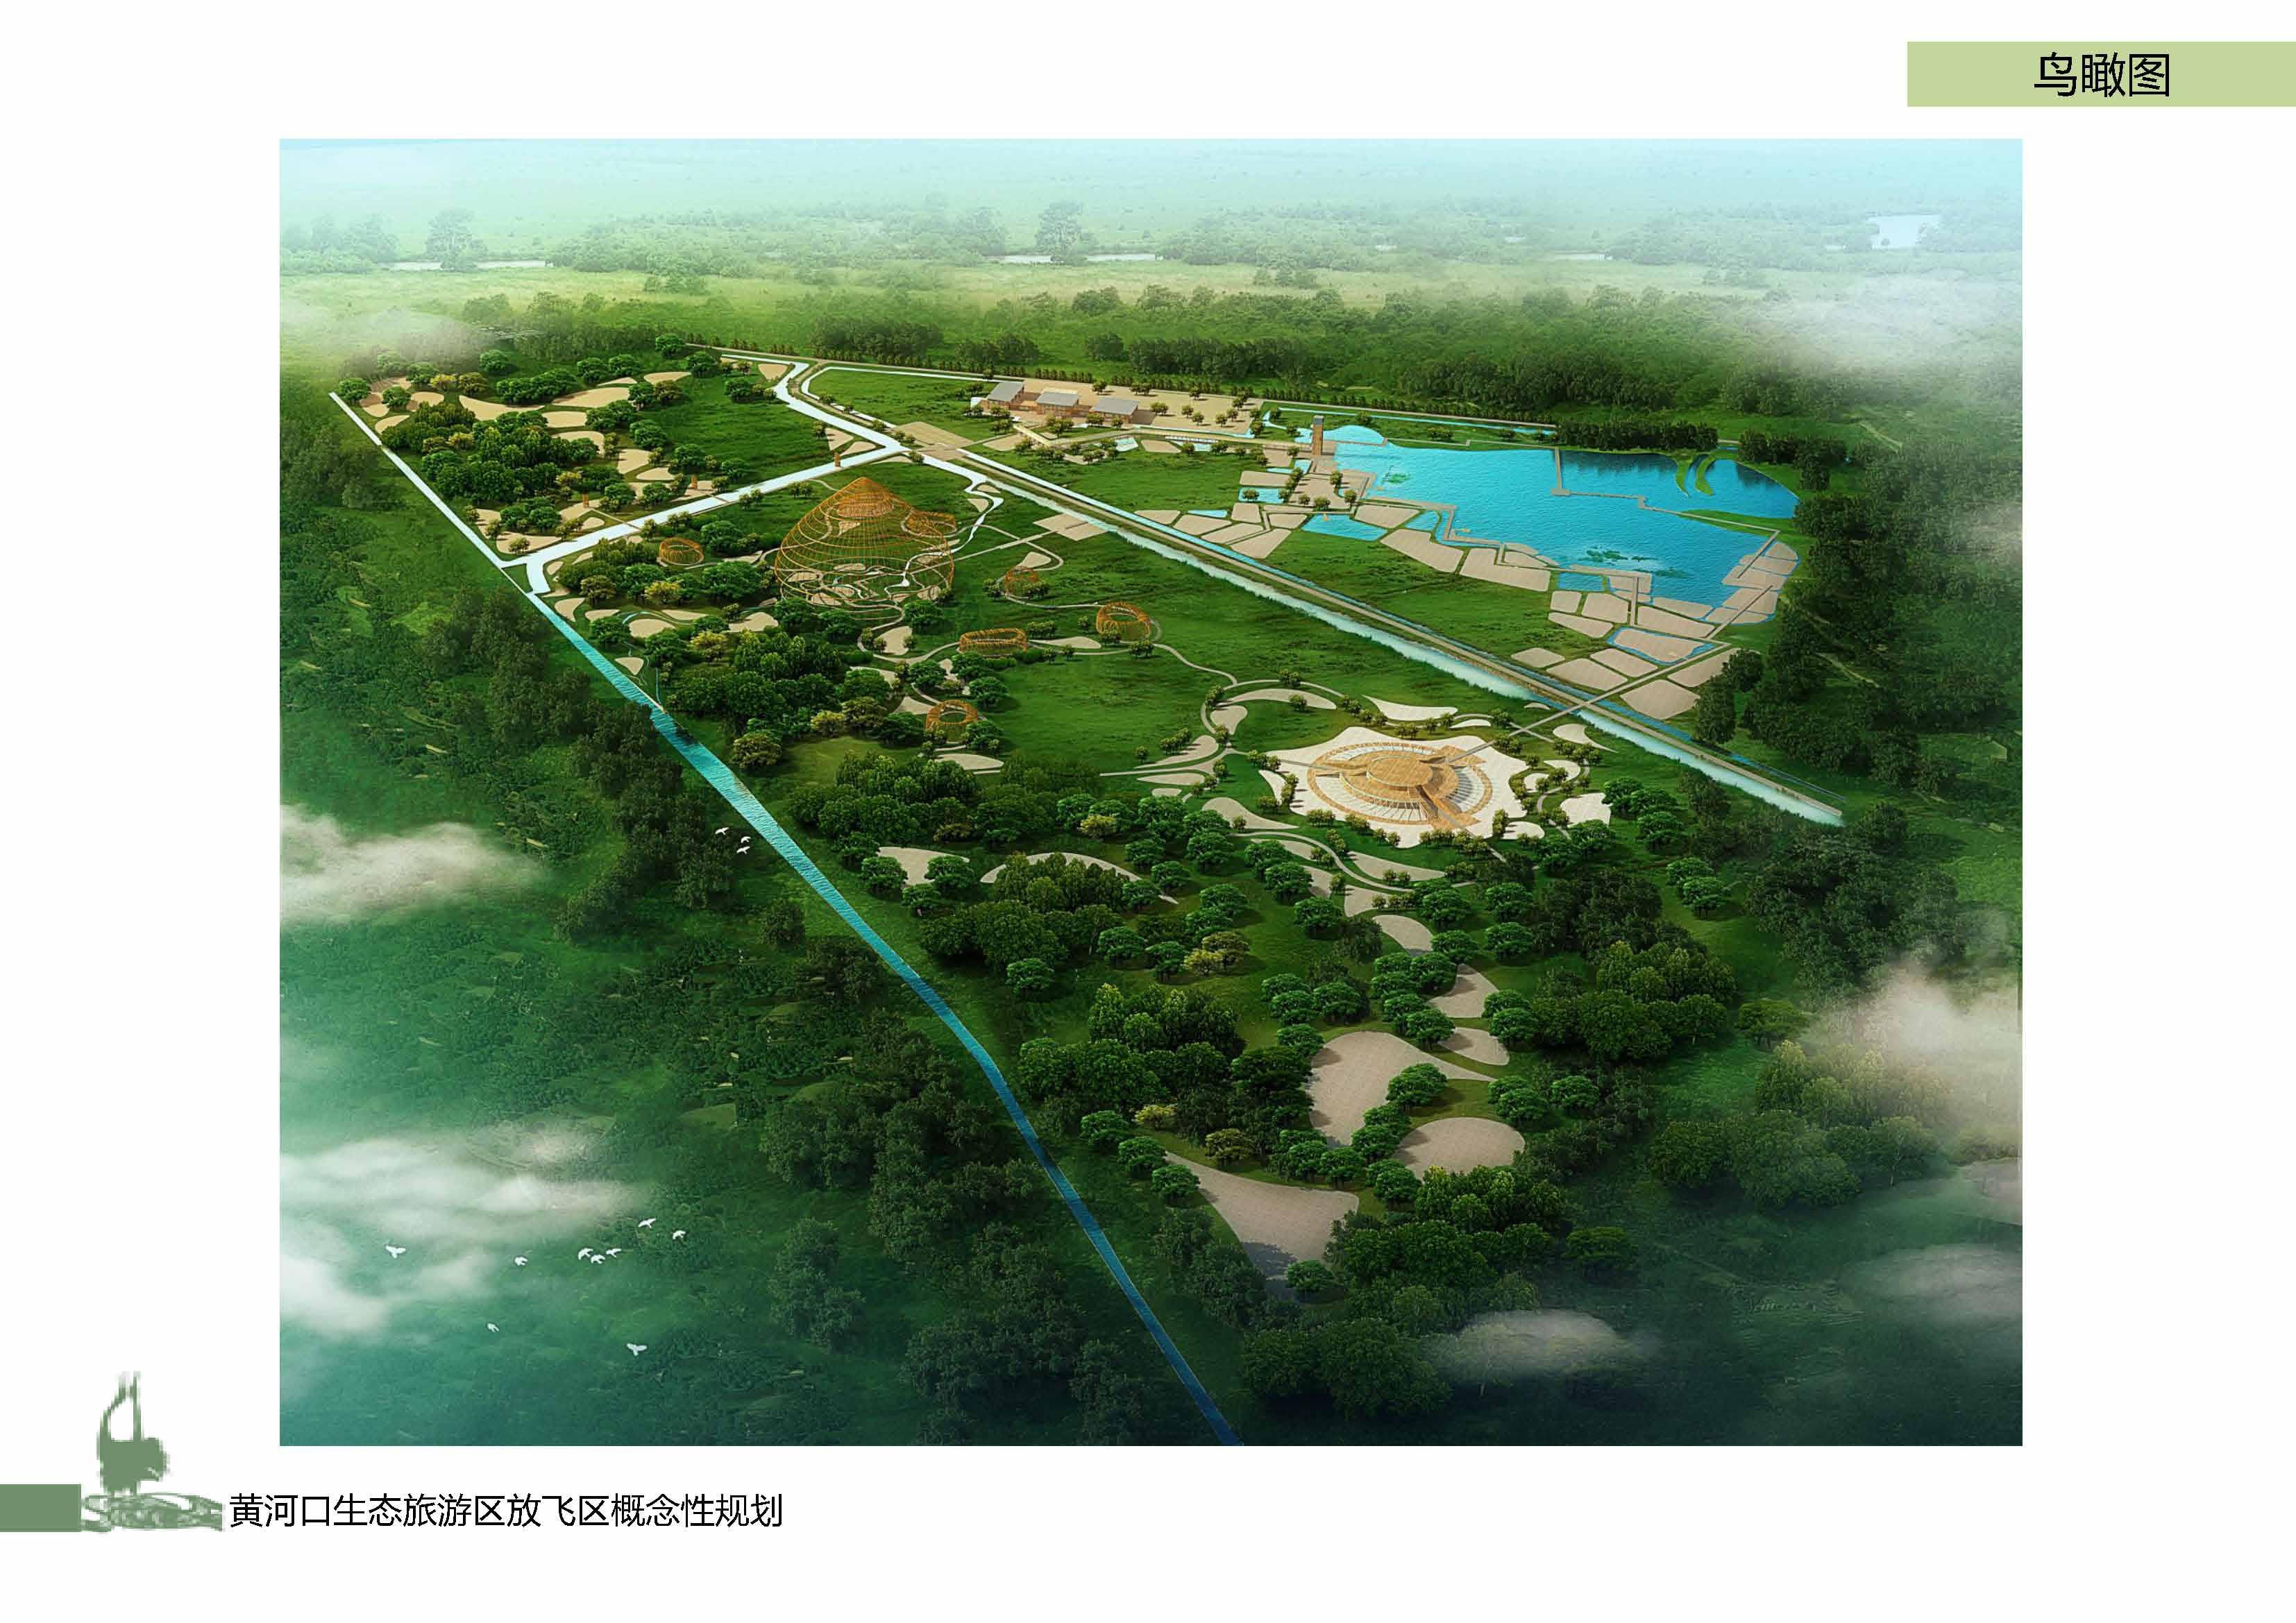 黄河口湿地公园鸟瞰图